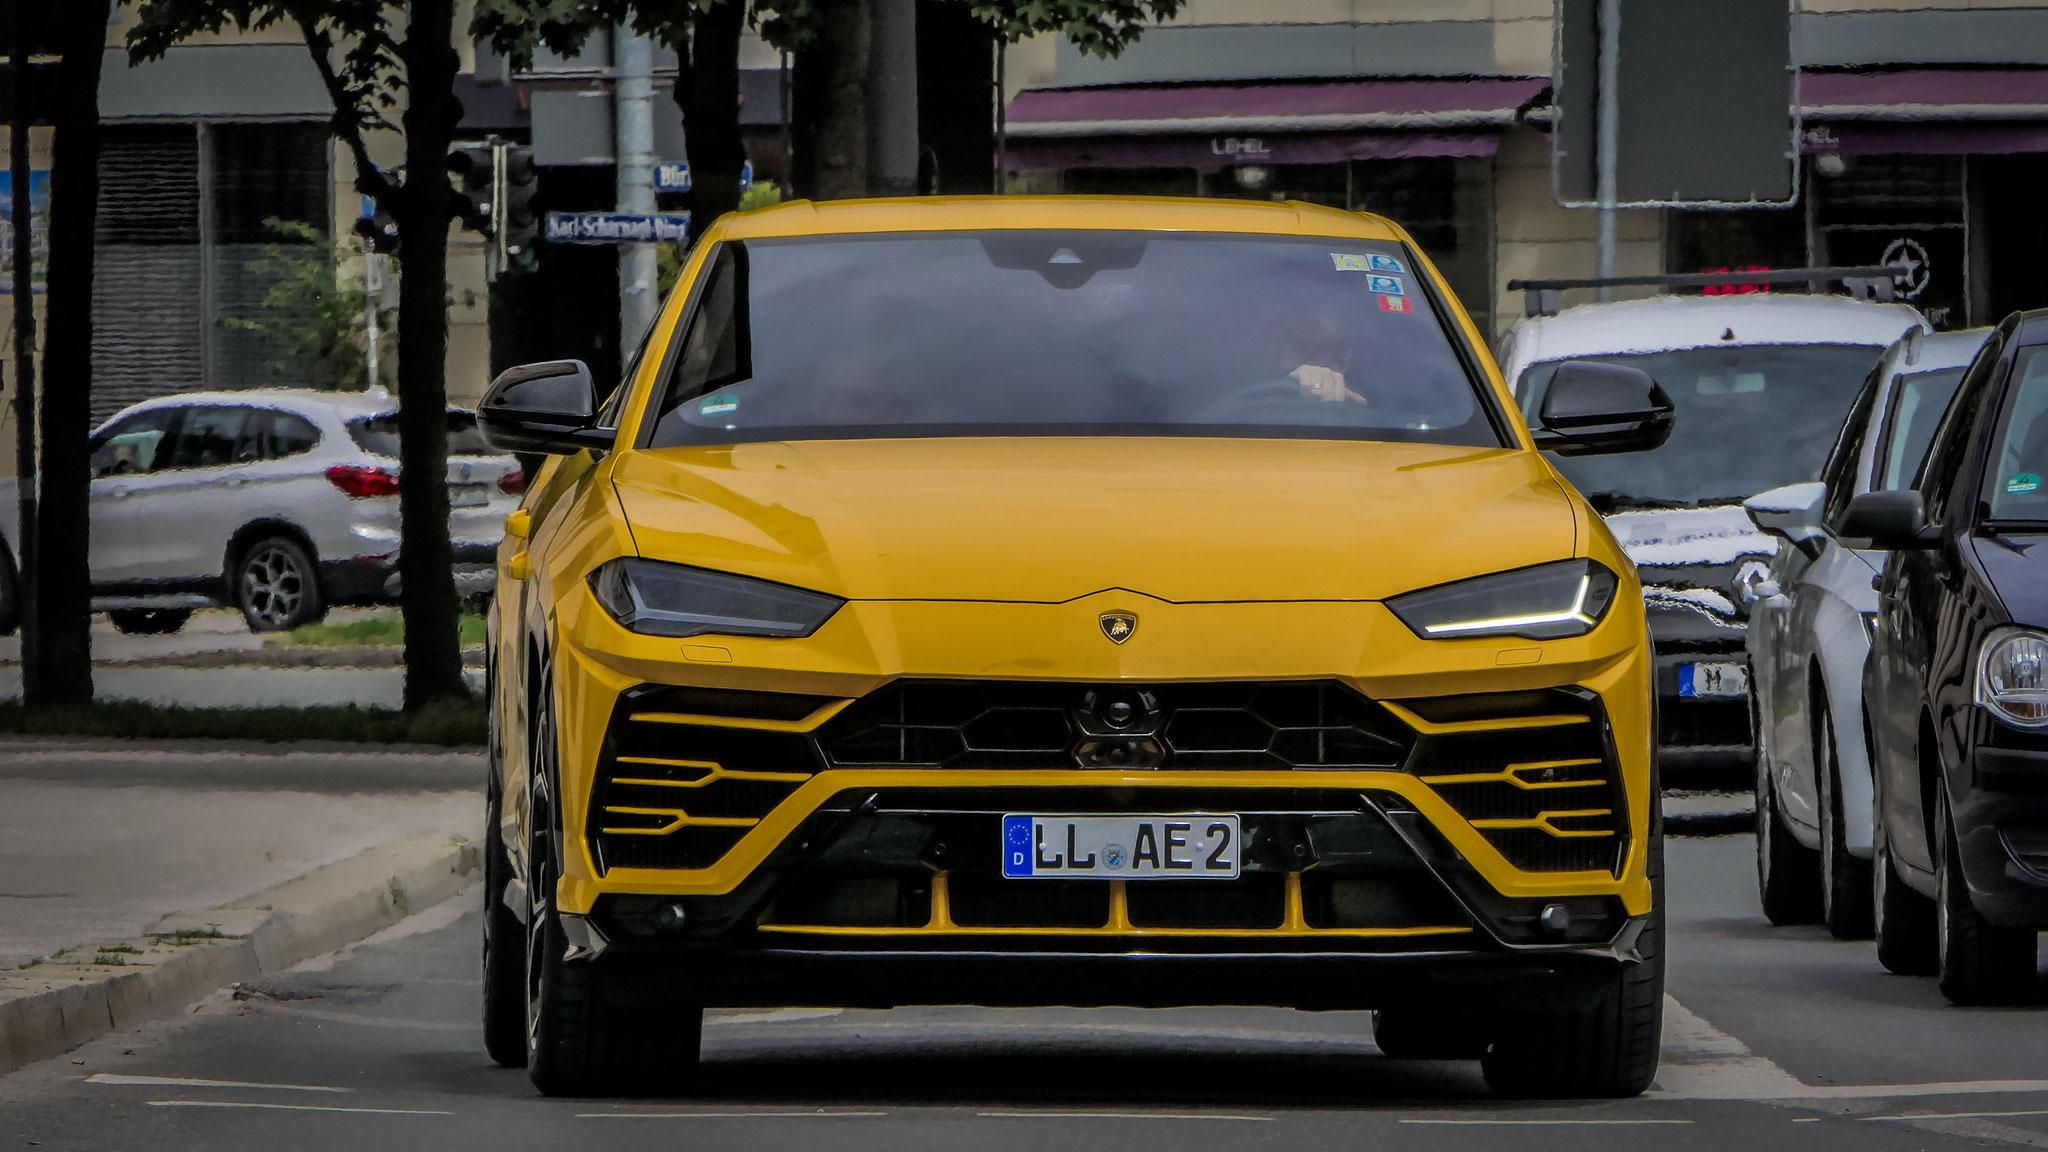 Lamborghini Urus - LL-AE-2